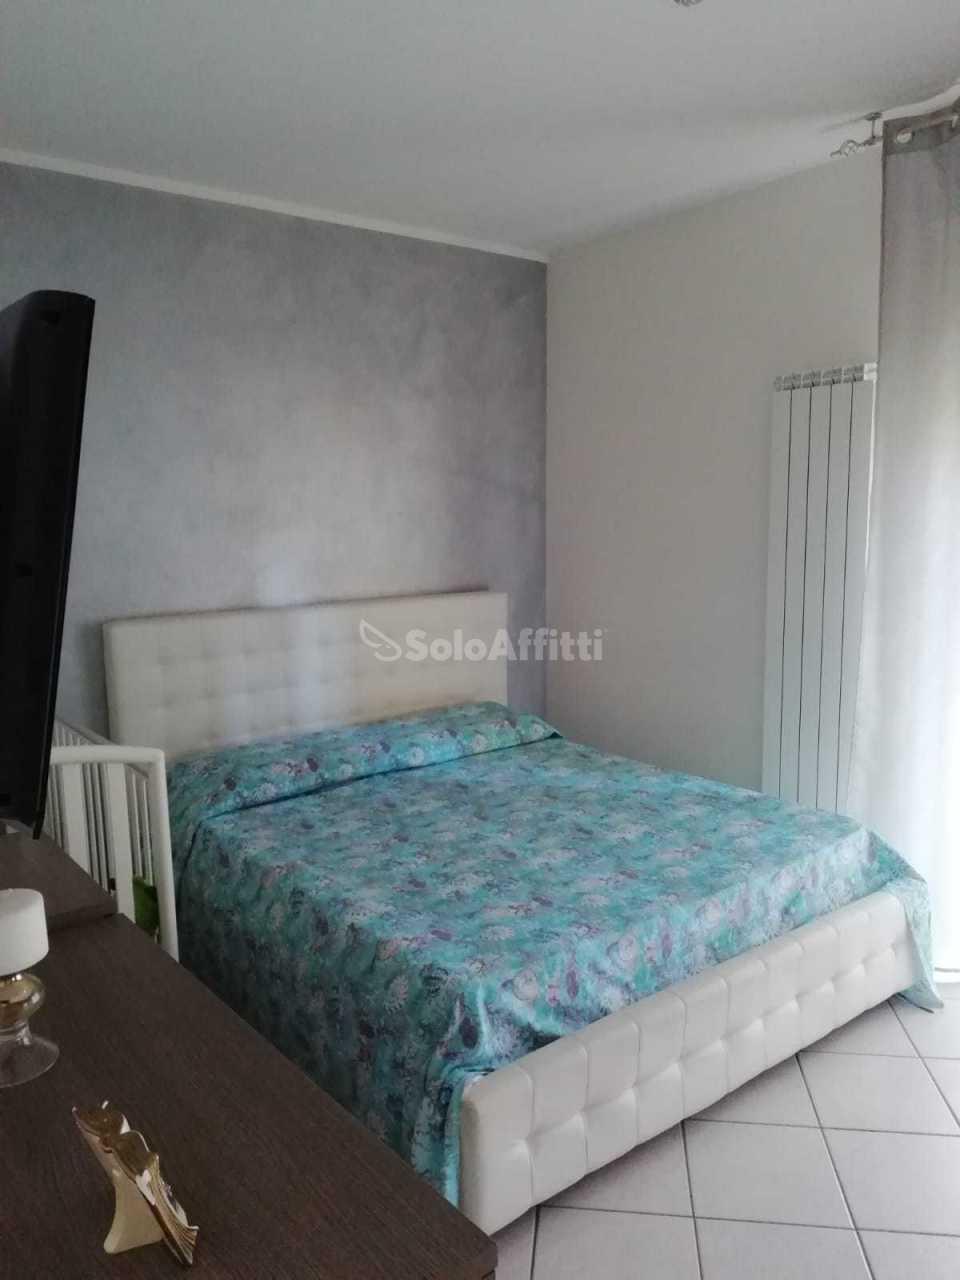 Appartamento - Bilocale a San Rocco a Pilli, Sovicille